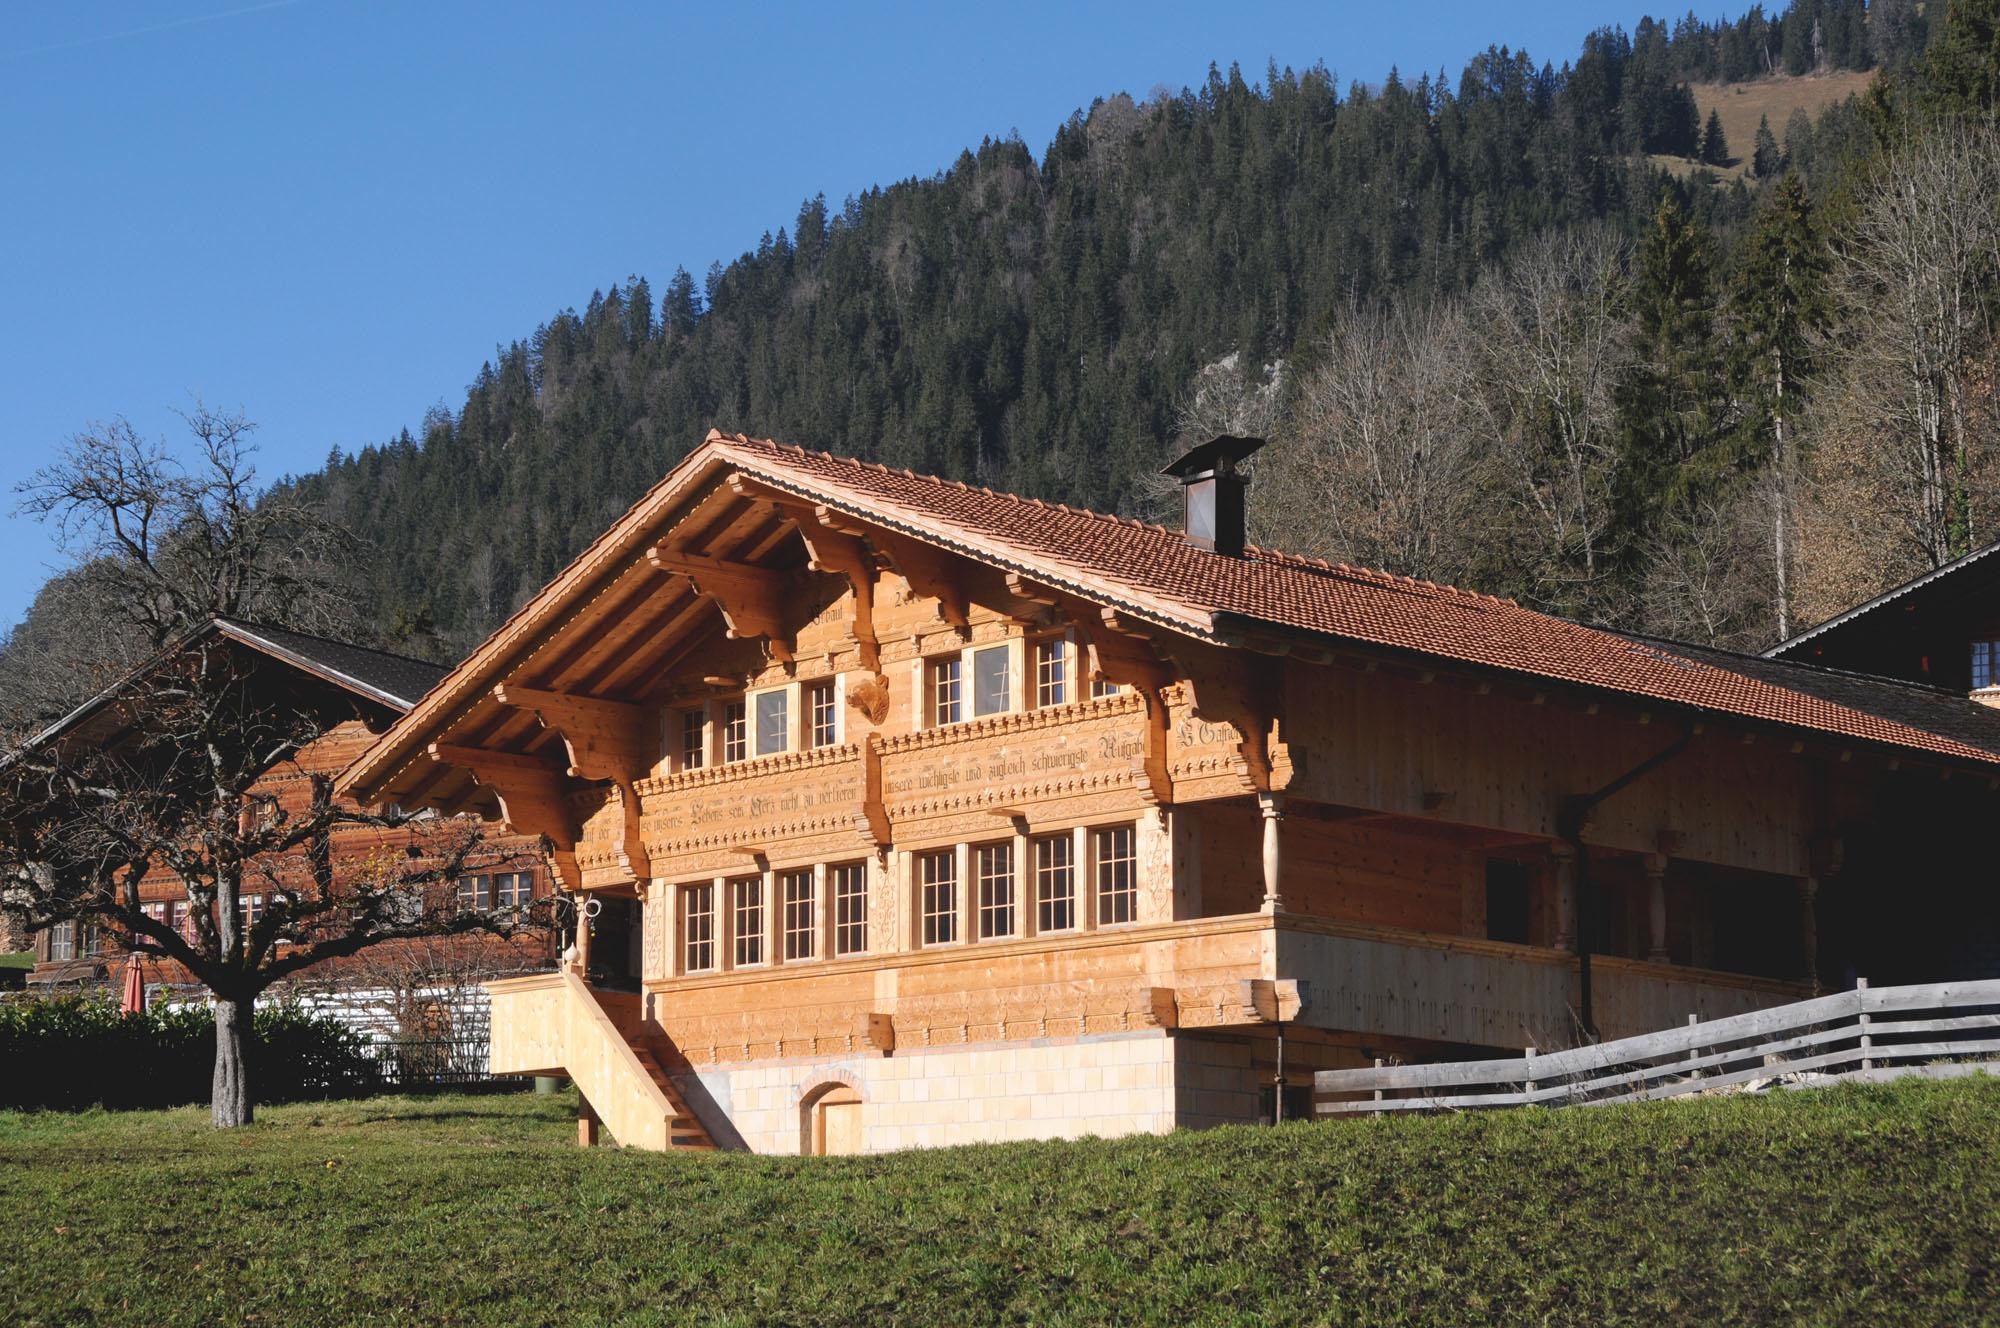 Fertighaus bauernhaus  Wohnzimmerz: Fertighaus Bauernhaus With Tiroler Holzhaus ...